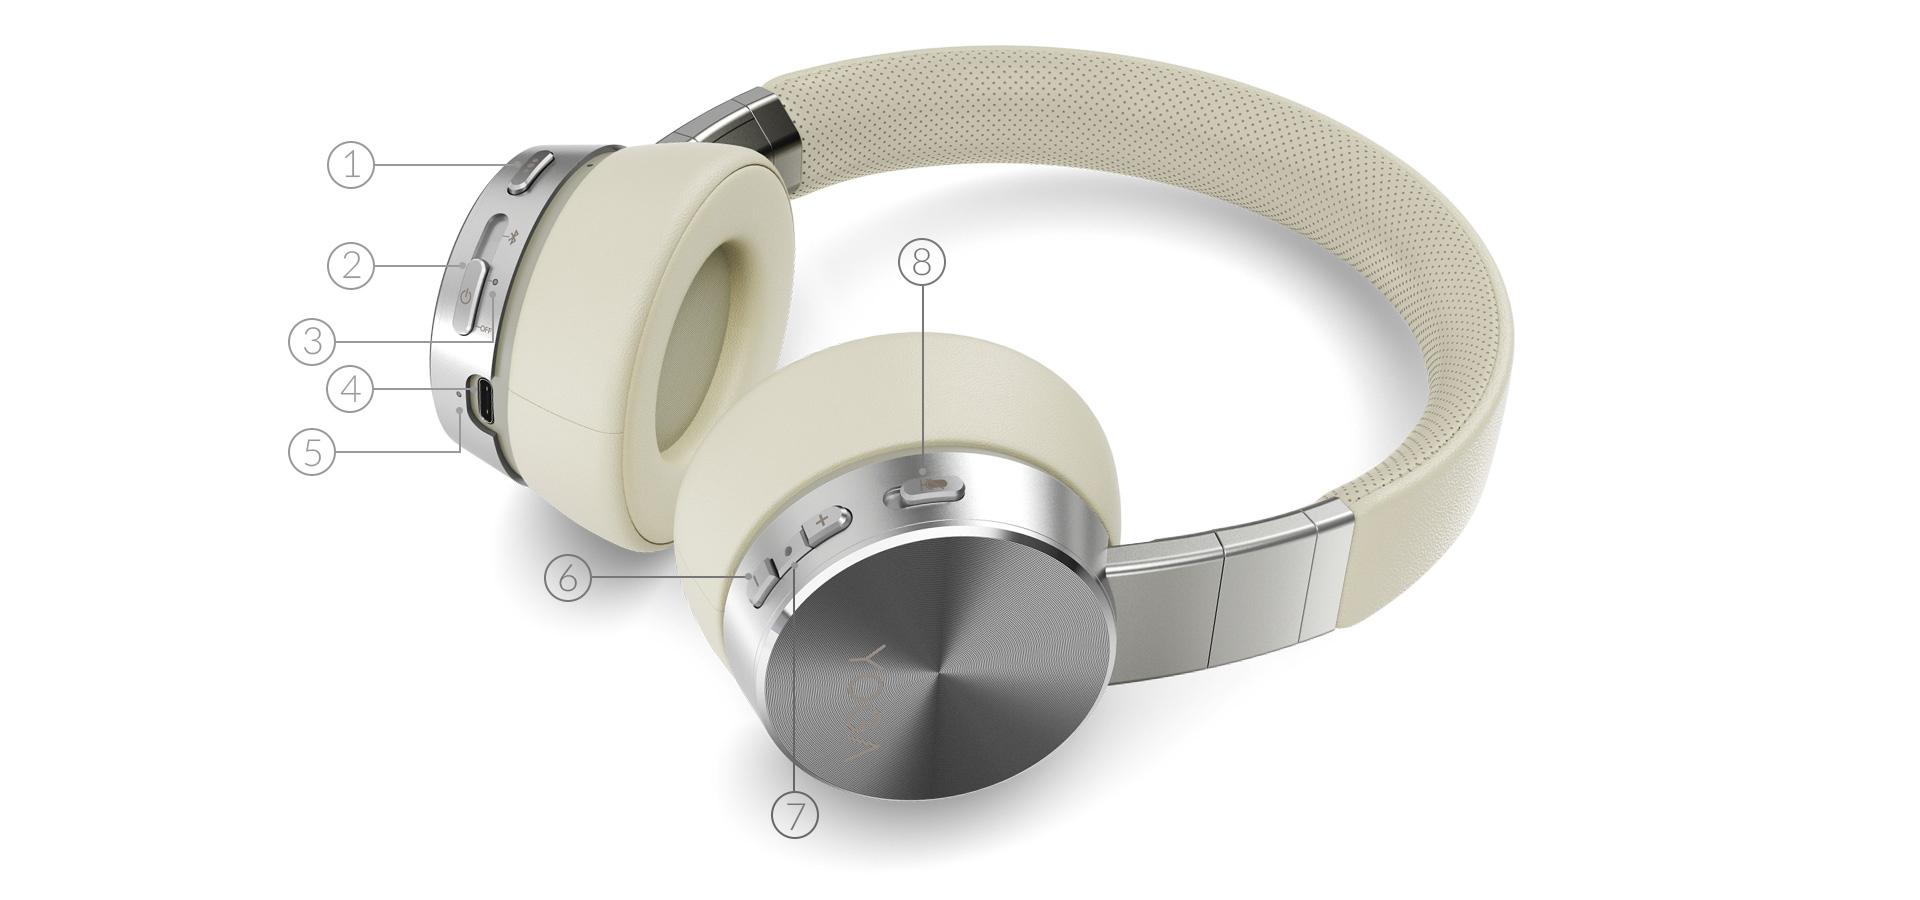 Lenovo Yoga Aktif Gürültü Önleyici Kulaklık yuvalar